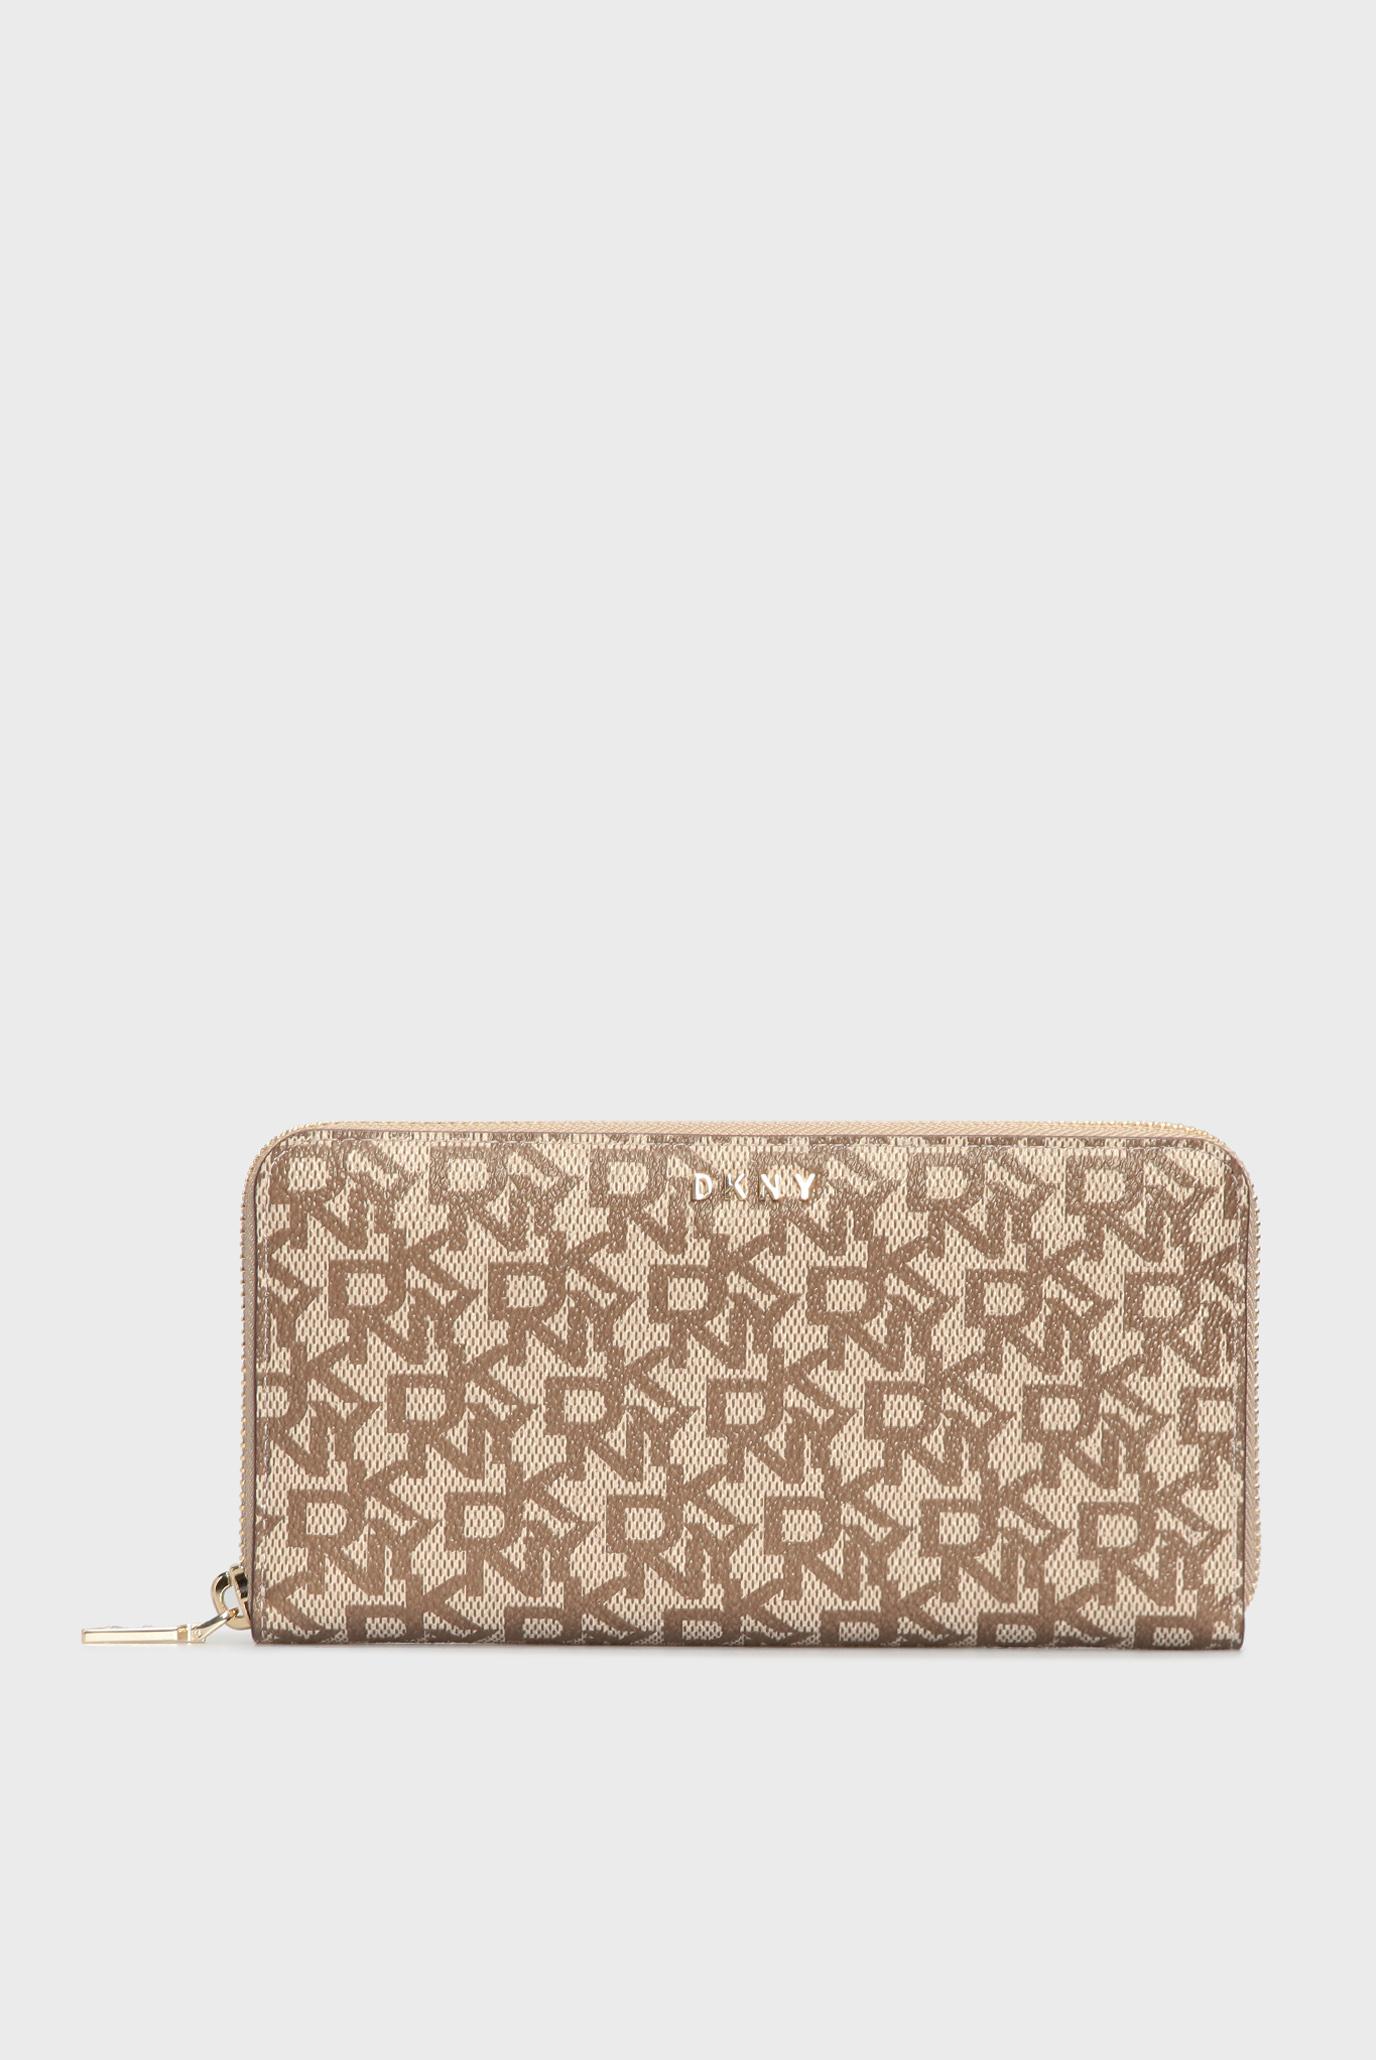 Жіночий бежевий гаманець з візерунком BRYANT 1